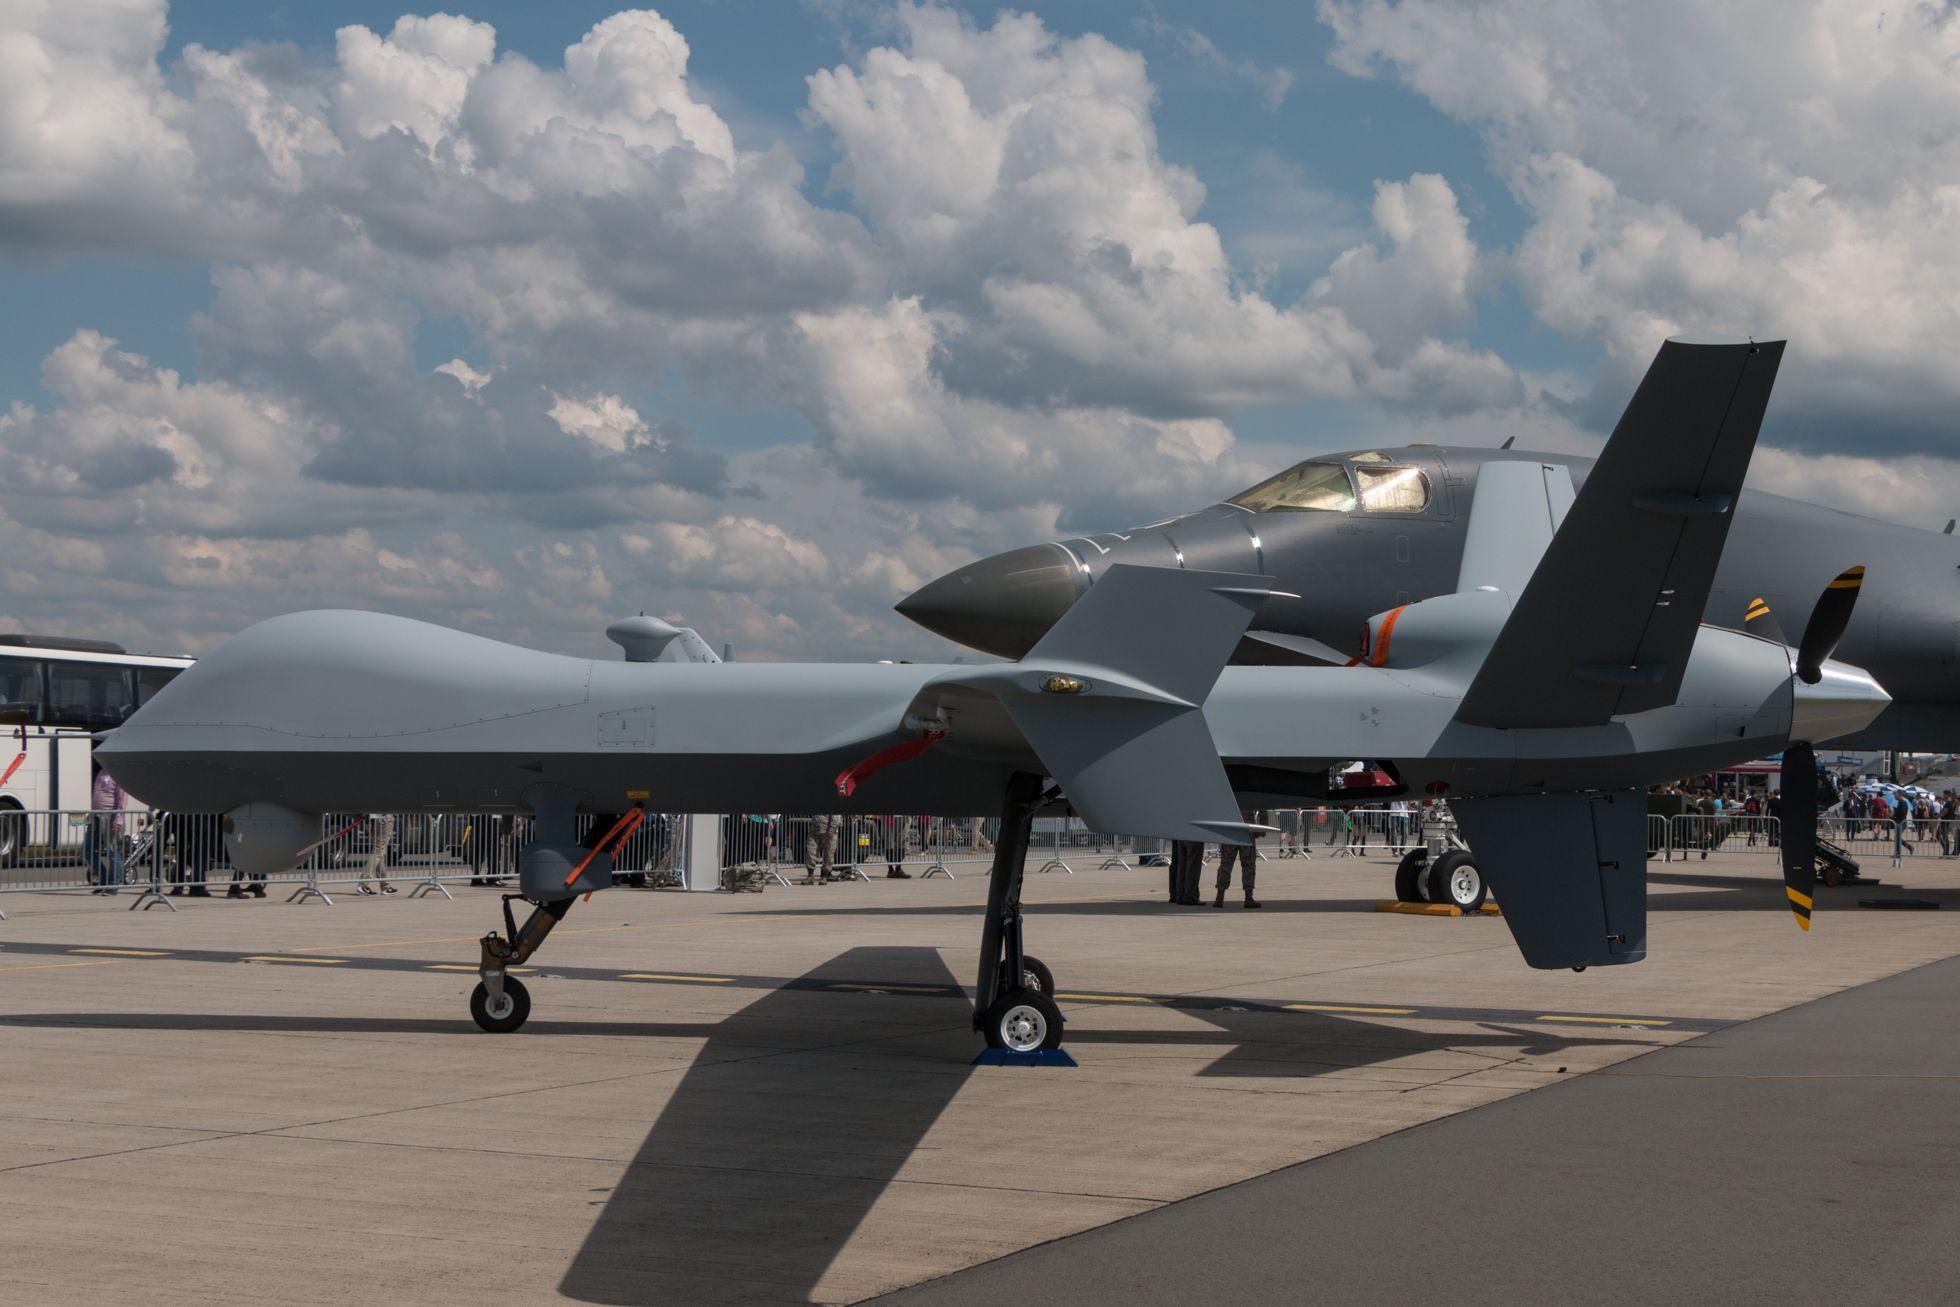 Luftfahrt: Drohnen, Schwerelosigkeit und ein Flieger aus dem 3D-Drucker - ... aber auch die Kampfdrohne Reaper. (Foto: Werner Pluta/Golem.de)